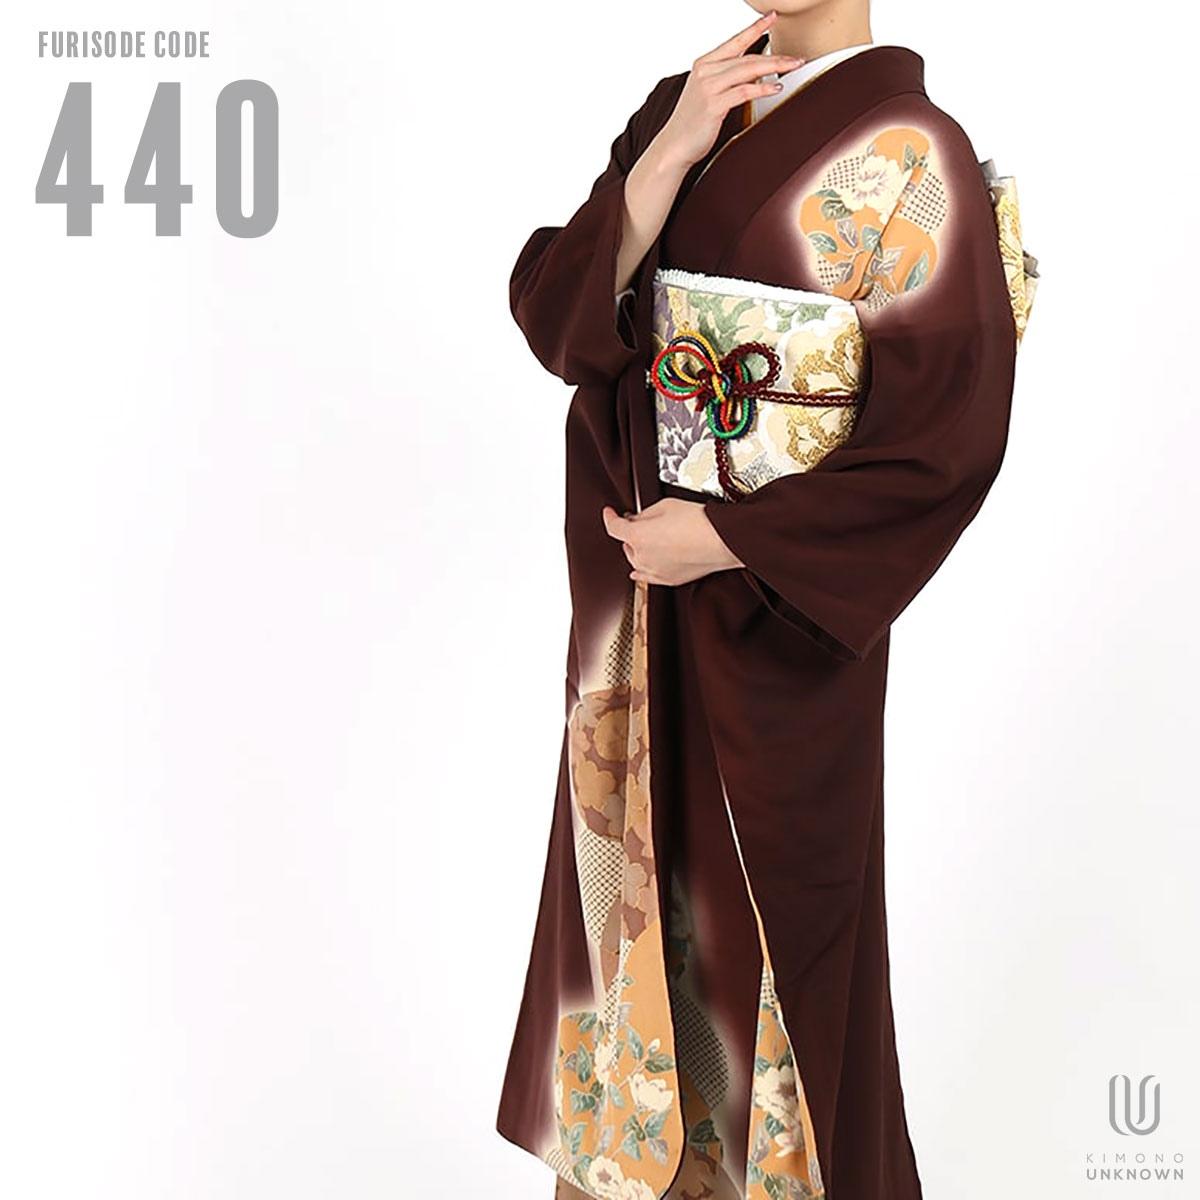 【成人式】 [安心の長期間レンタル]【対応身長155cm〜170cm】【正絹】レンタル振袖フルセット-440|レトロ|花柄|クール系|モダン|茶系|牡丹|桜